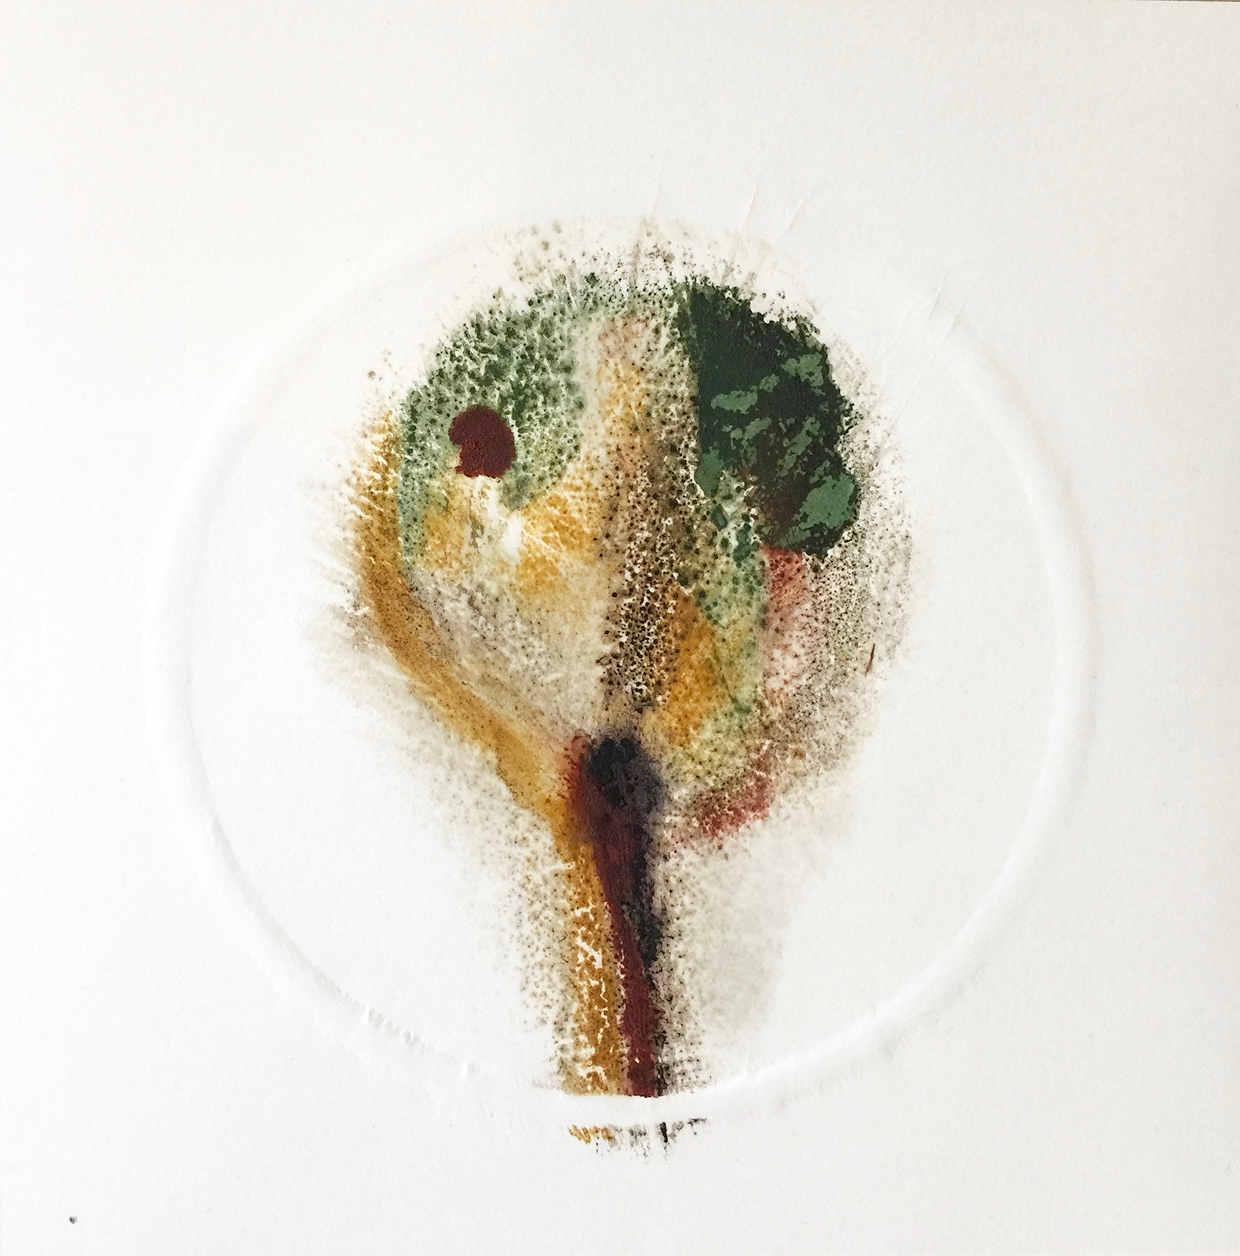 Baum1 - Papierarbeit von Eva Doelker-Heim